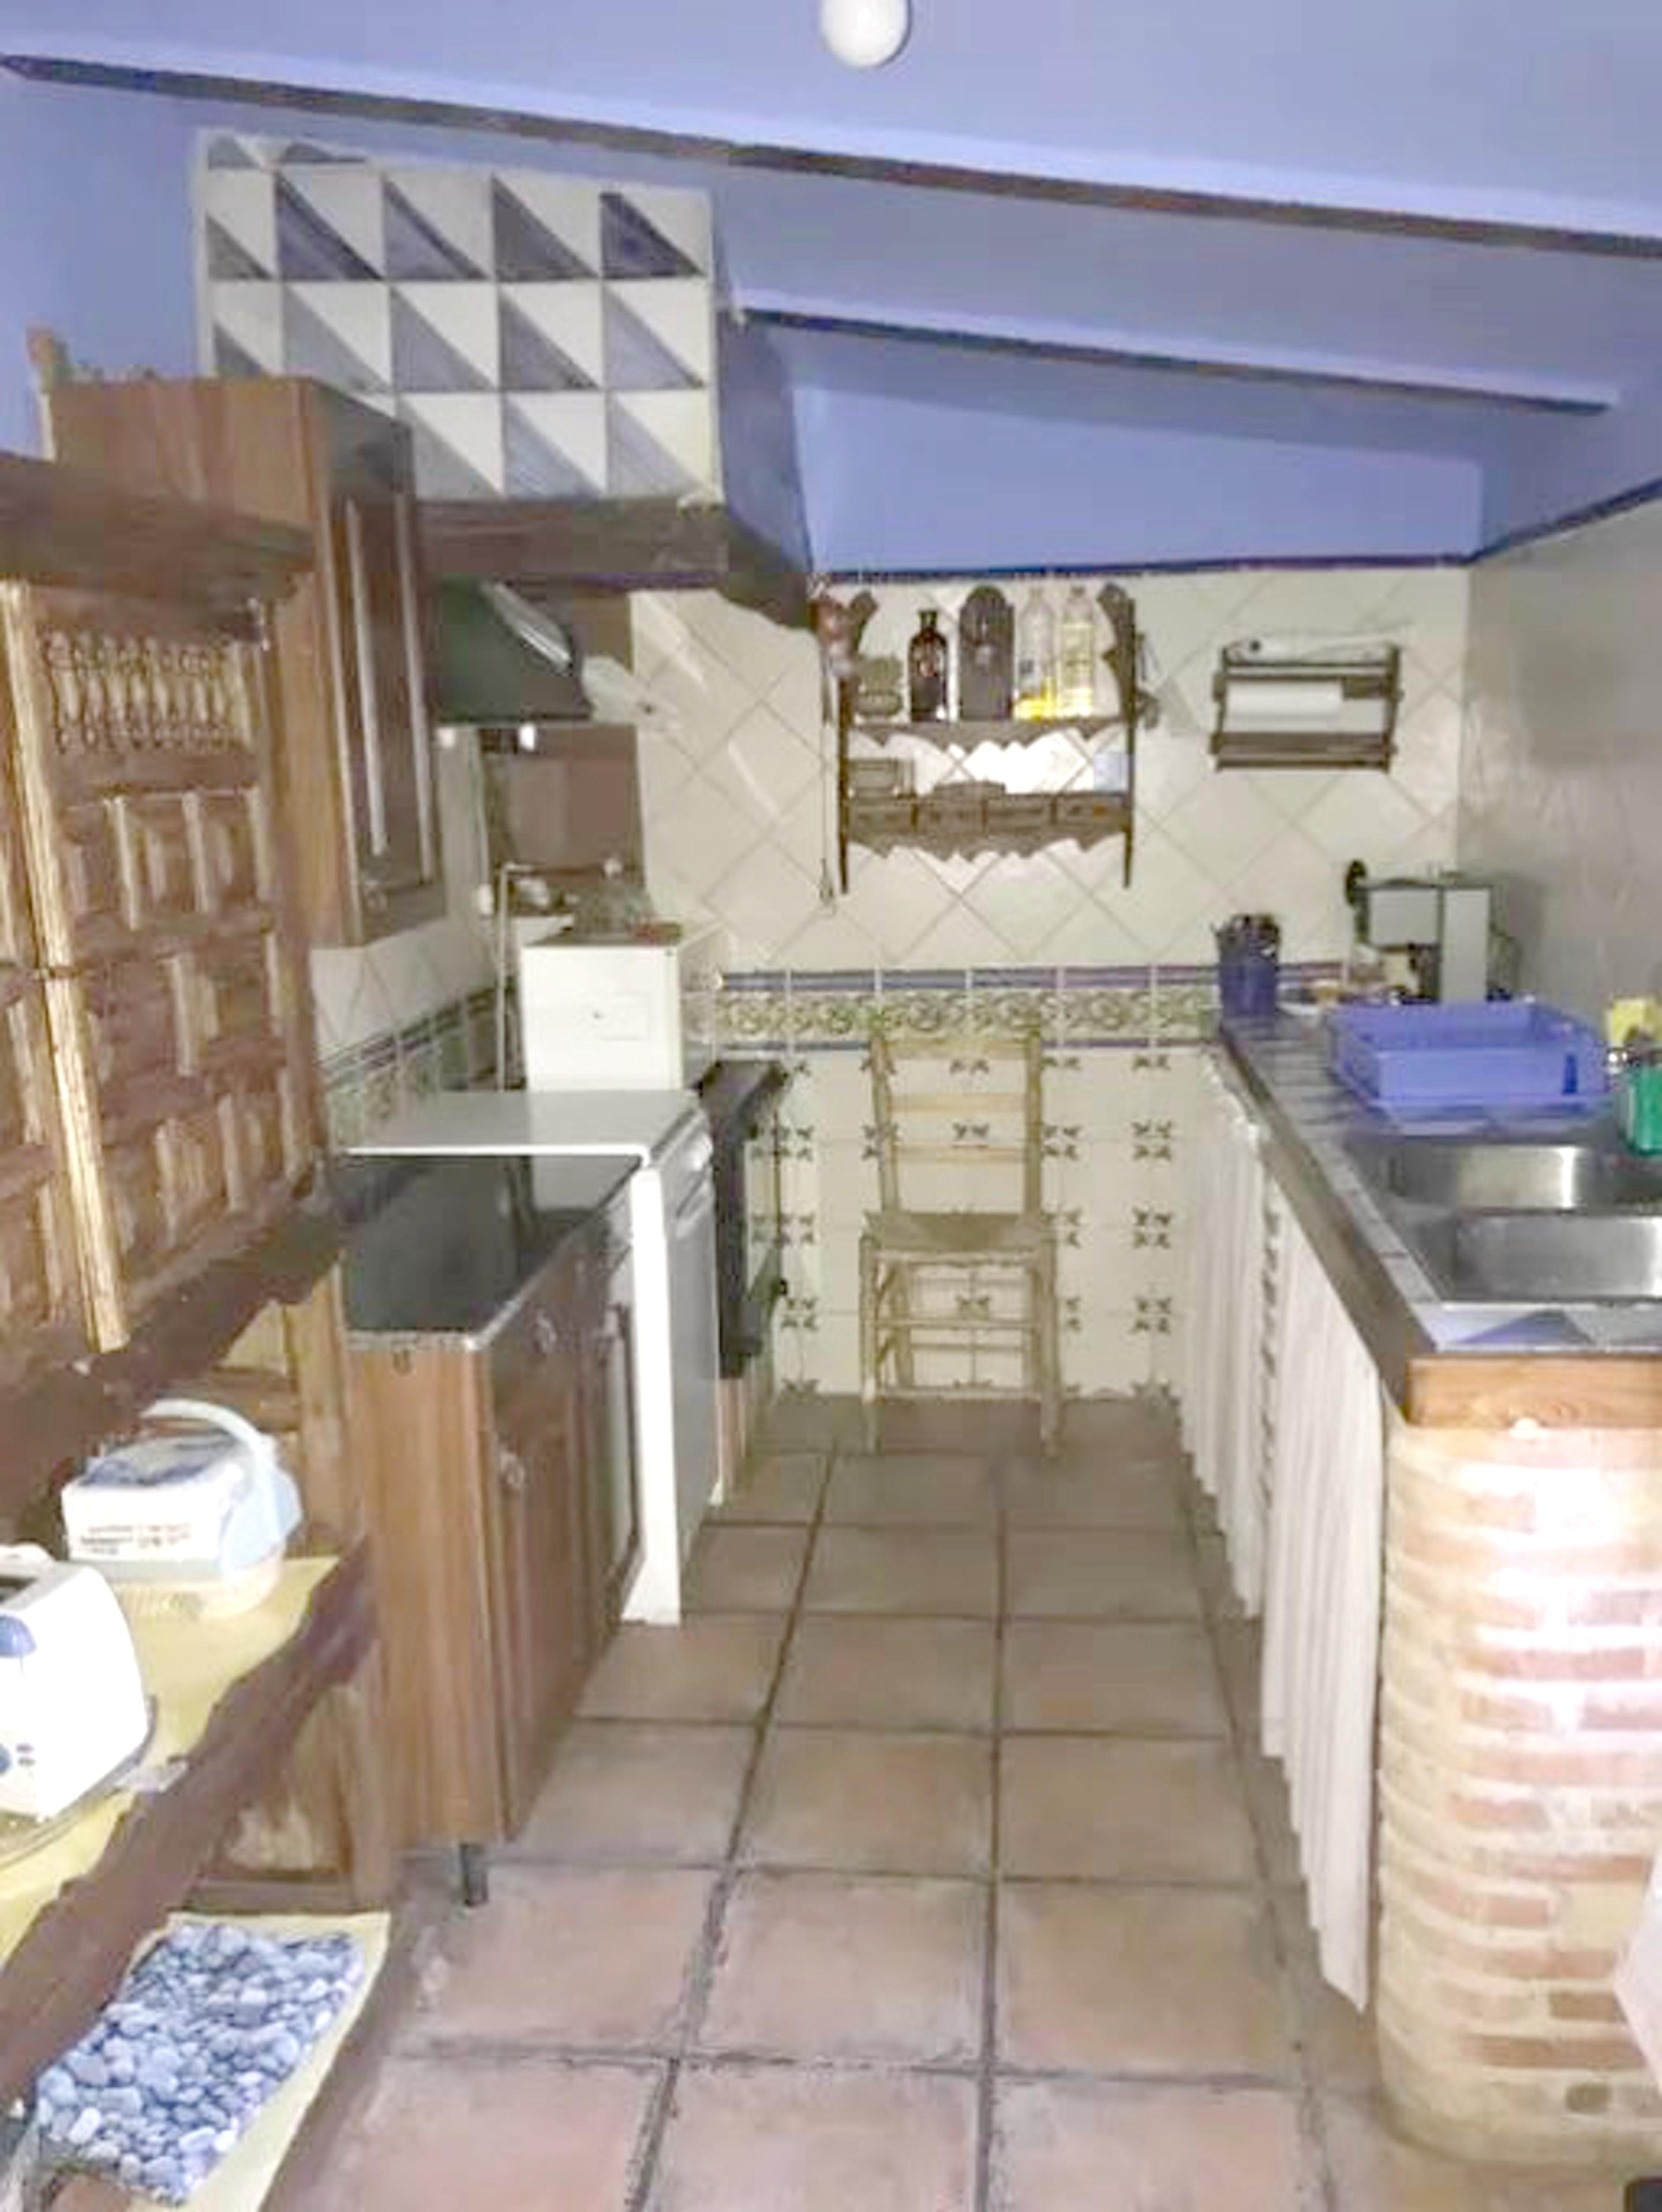 Ferienhaus Haus mit 7 Schlafzimmern in Burguillos de Toledo mit privatem Pool und eingezäuntem Garten (2299203), Burguillos de Toledo, Toledo, Kastilien-La Mancha, Spanien, Bild 5